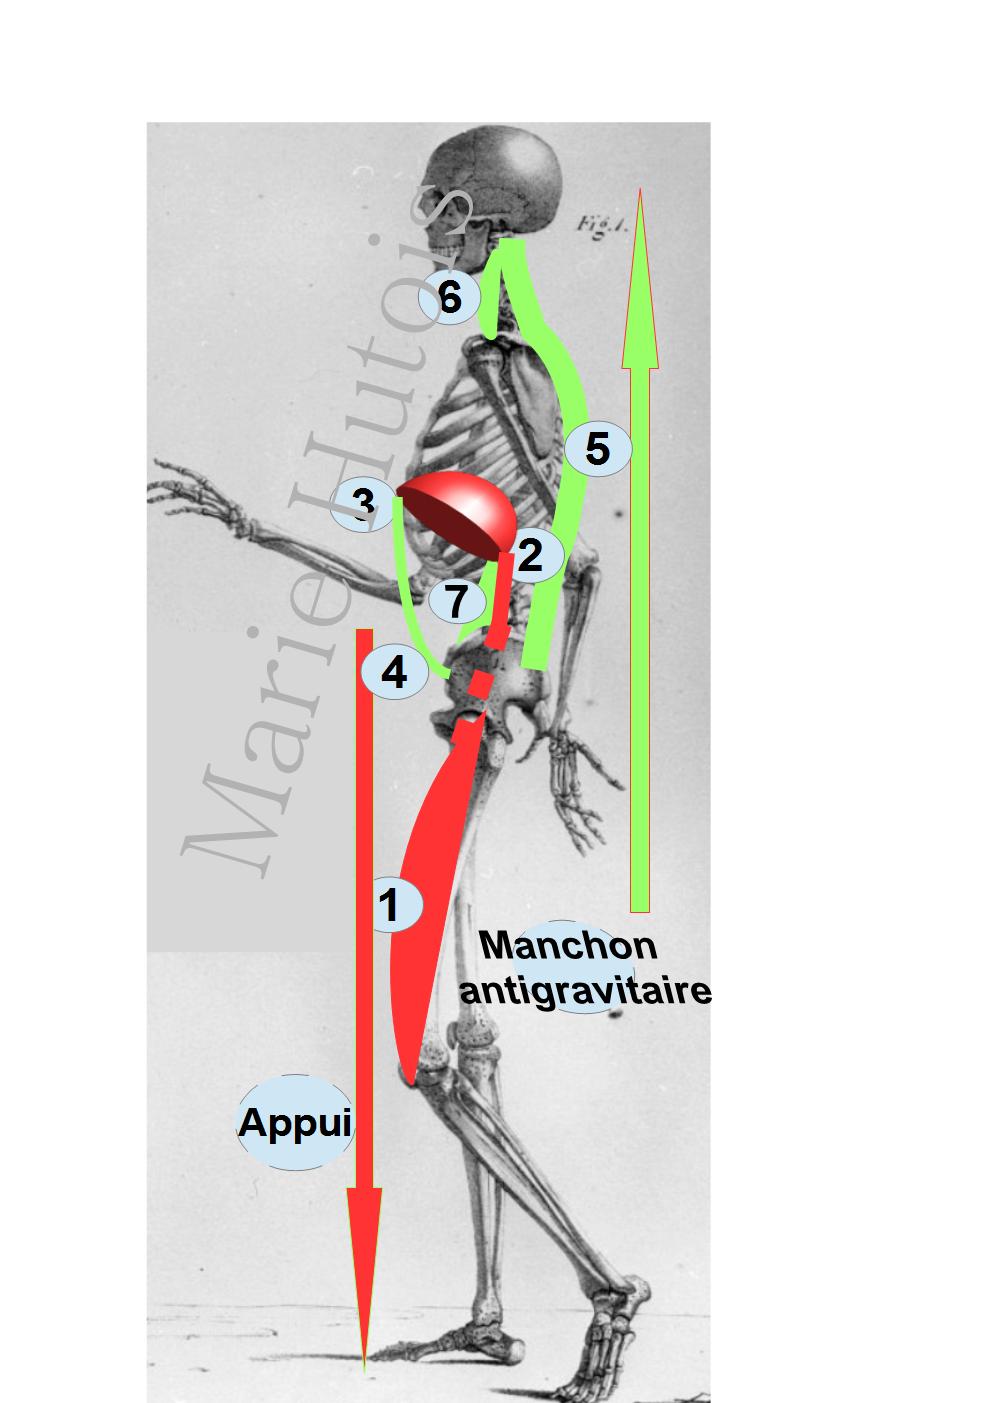 En rouge les muscles de l'appui : 1.quadriceps, 2.psoas 3. diaphragme en vert . En vert le manchon musculaire antigravitaire :   4. le transverse de l'abdomen  5. les muscles paravertébraux  6. le long du cou 7. le psoas interne et les piliers du diaphragme